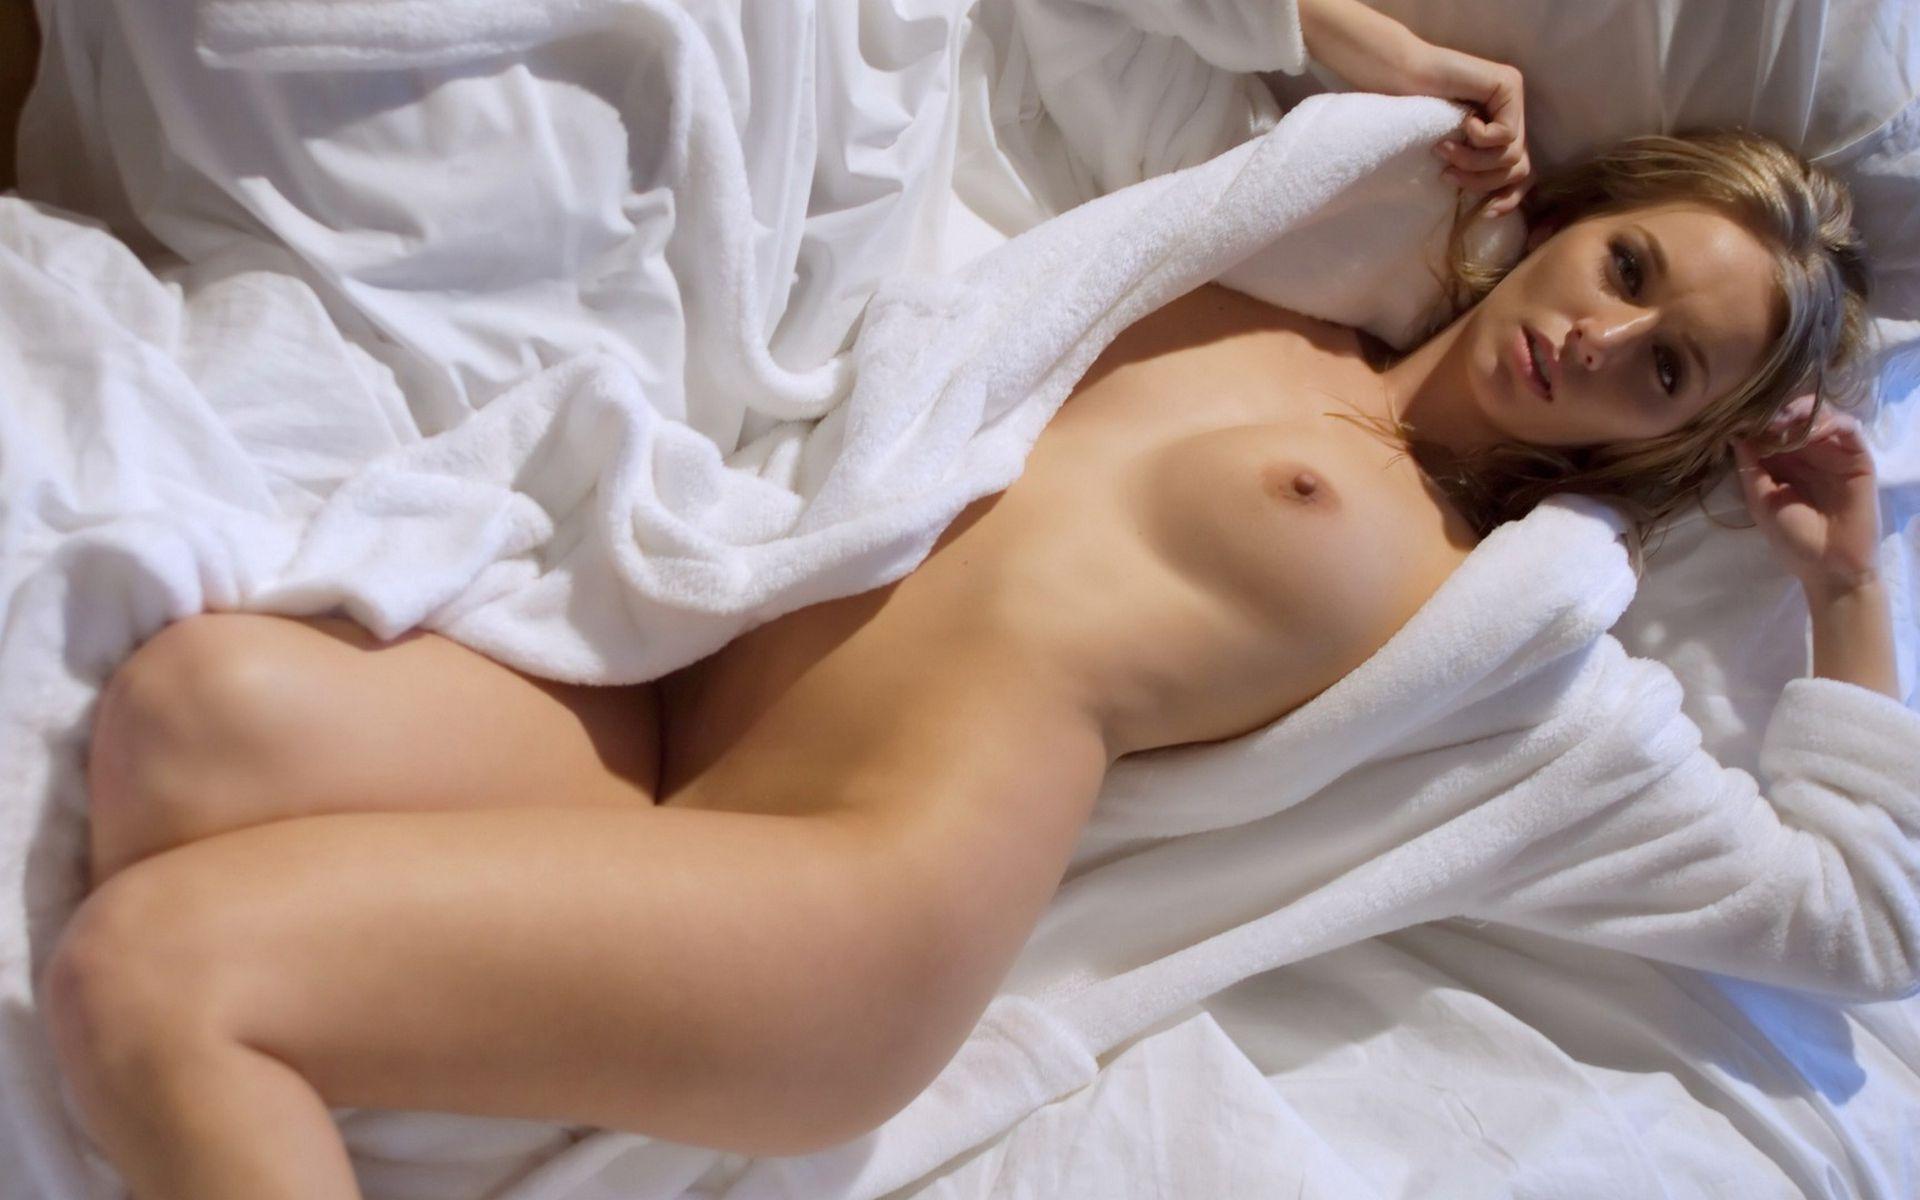 недорогие эротические ночнухи давно